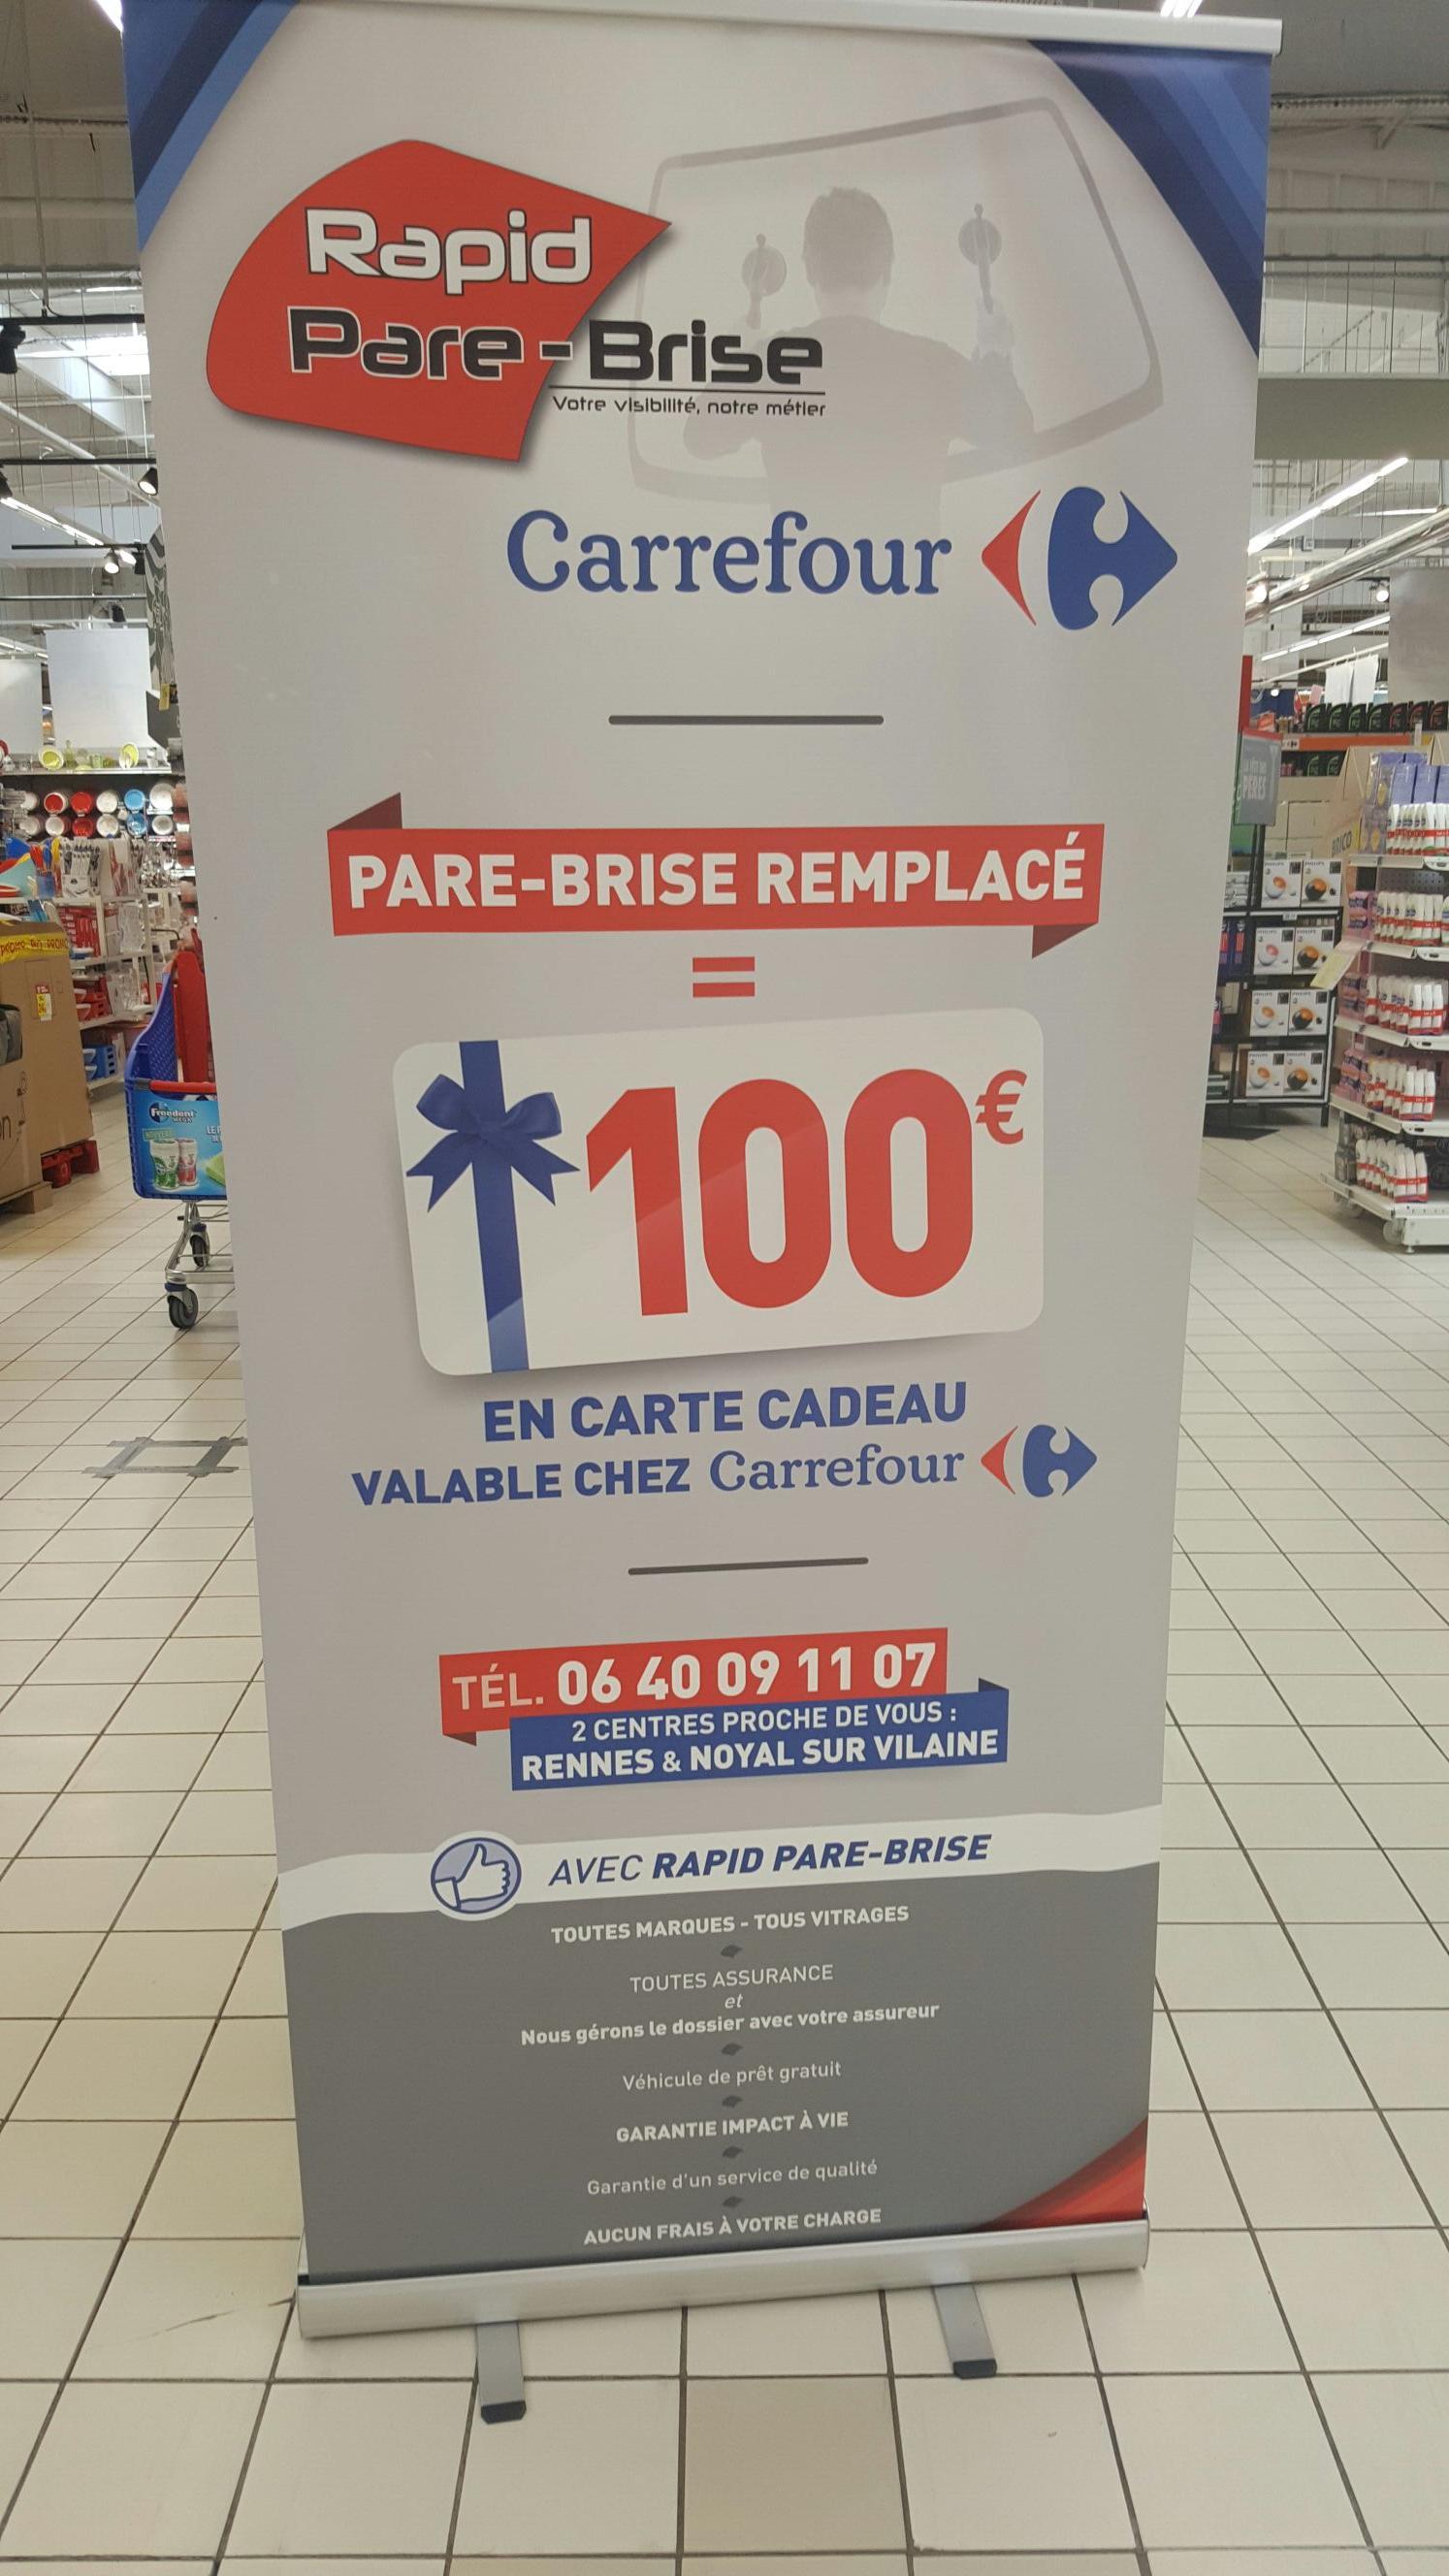 Pour tout pare brise remplacé = 100€ offerts en carte cadeau Carrefour